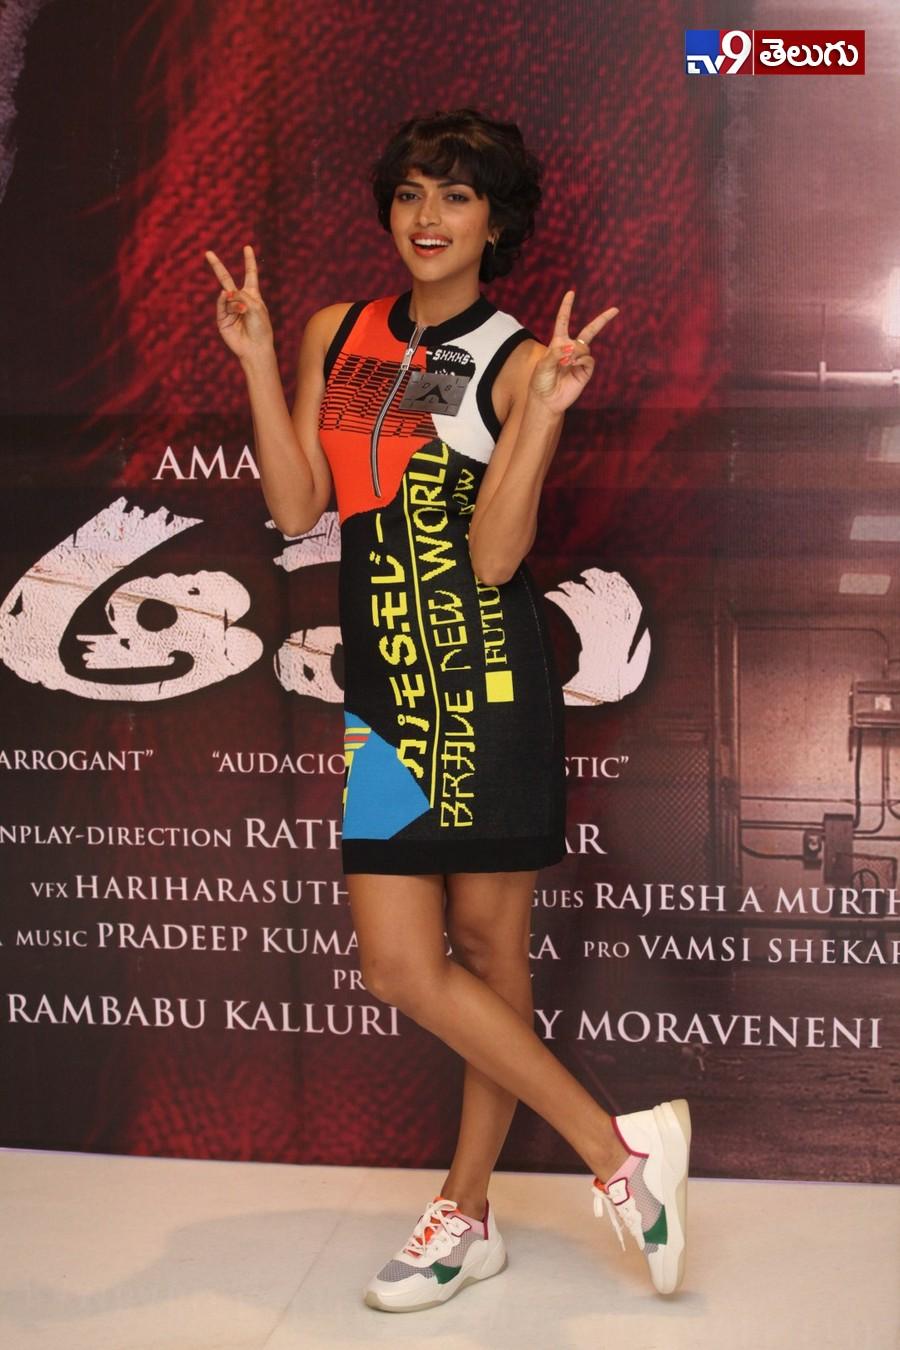 Aame, అమలా పాల్ 'ఆమె' ట్రైలర్ లాంచ్ ఫొటోస్